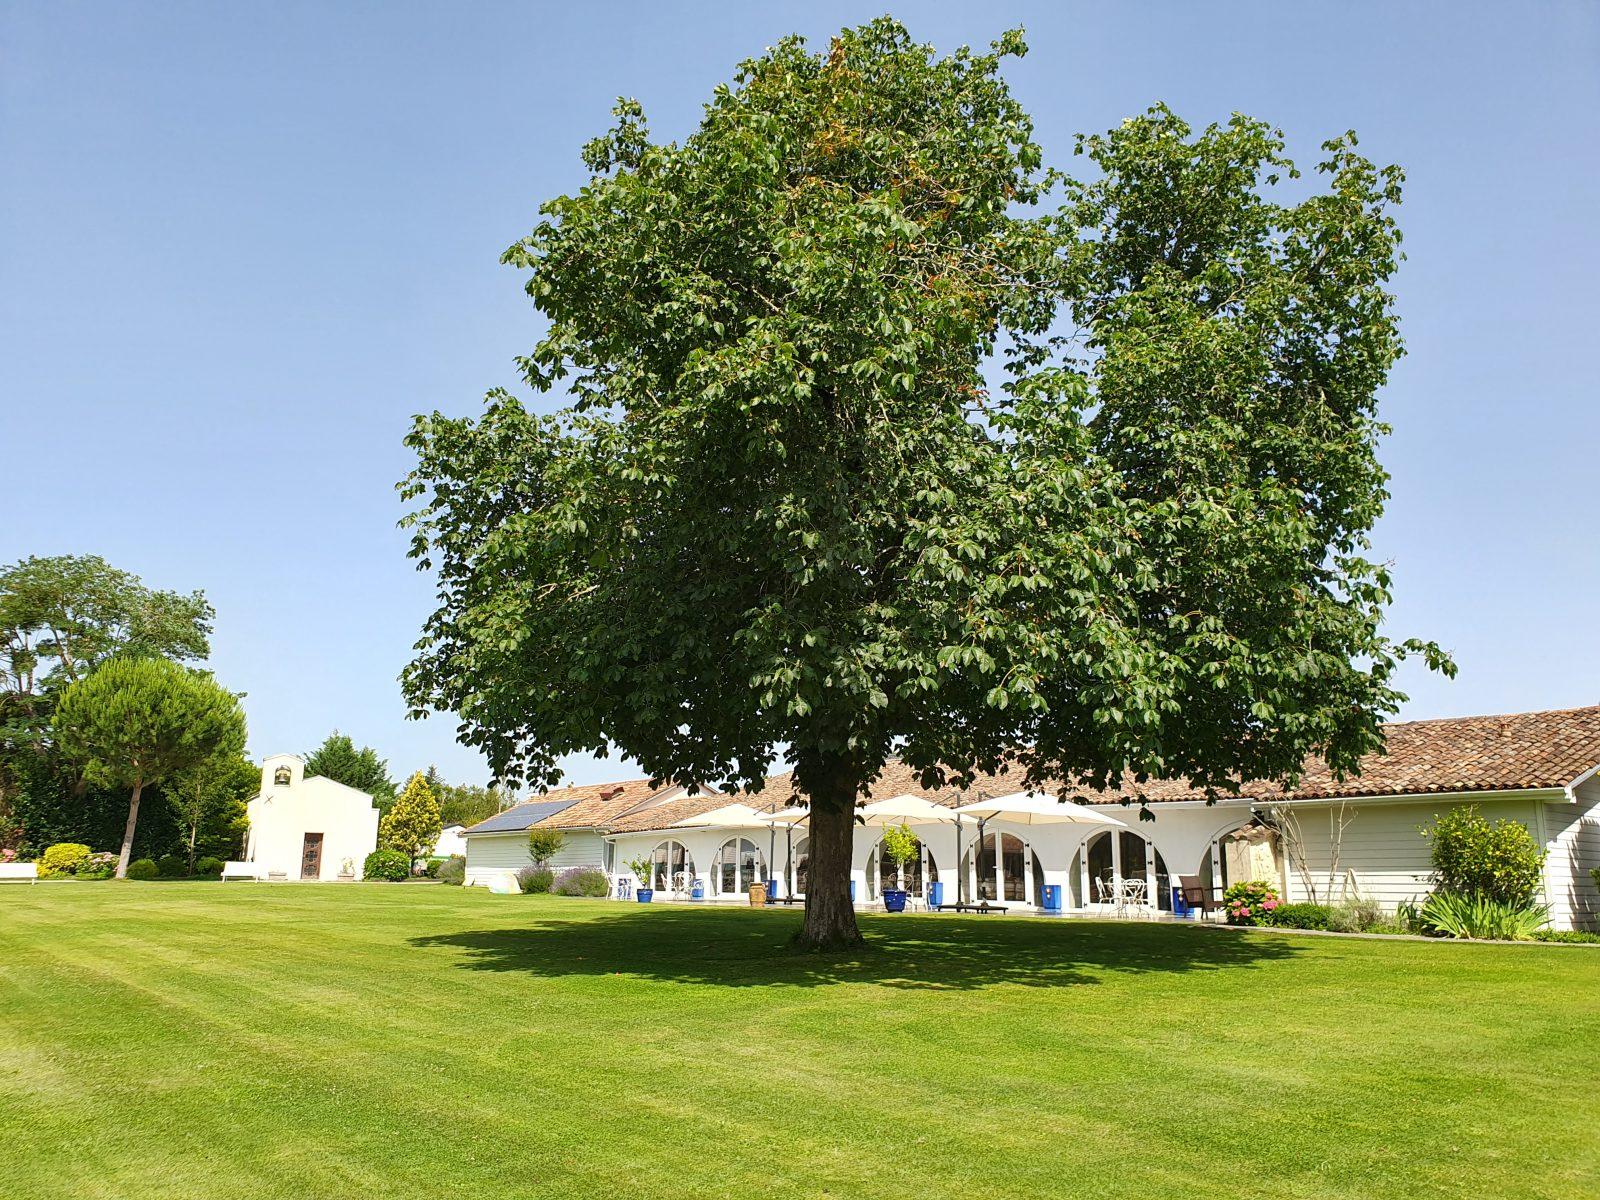 domaine-de-larchey-jardins-photos-tous-droits-reserves-service-communication-Domaine-de-Larchey–1-